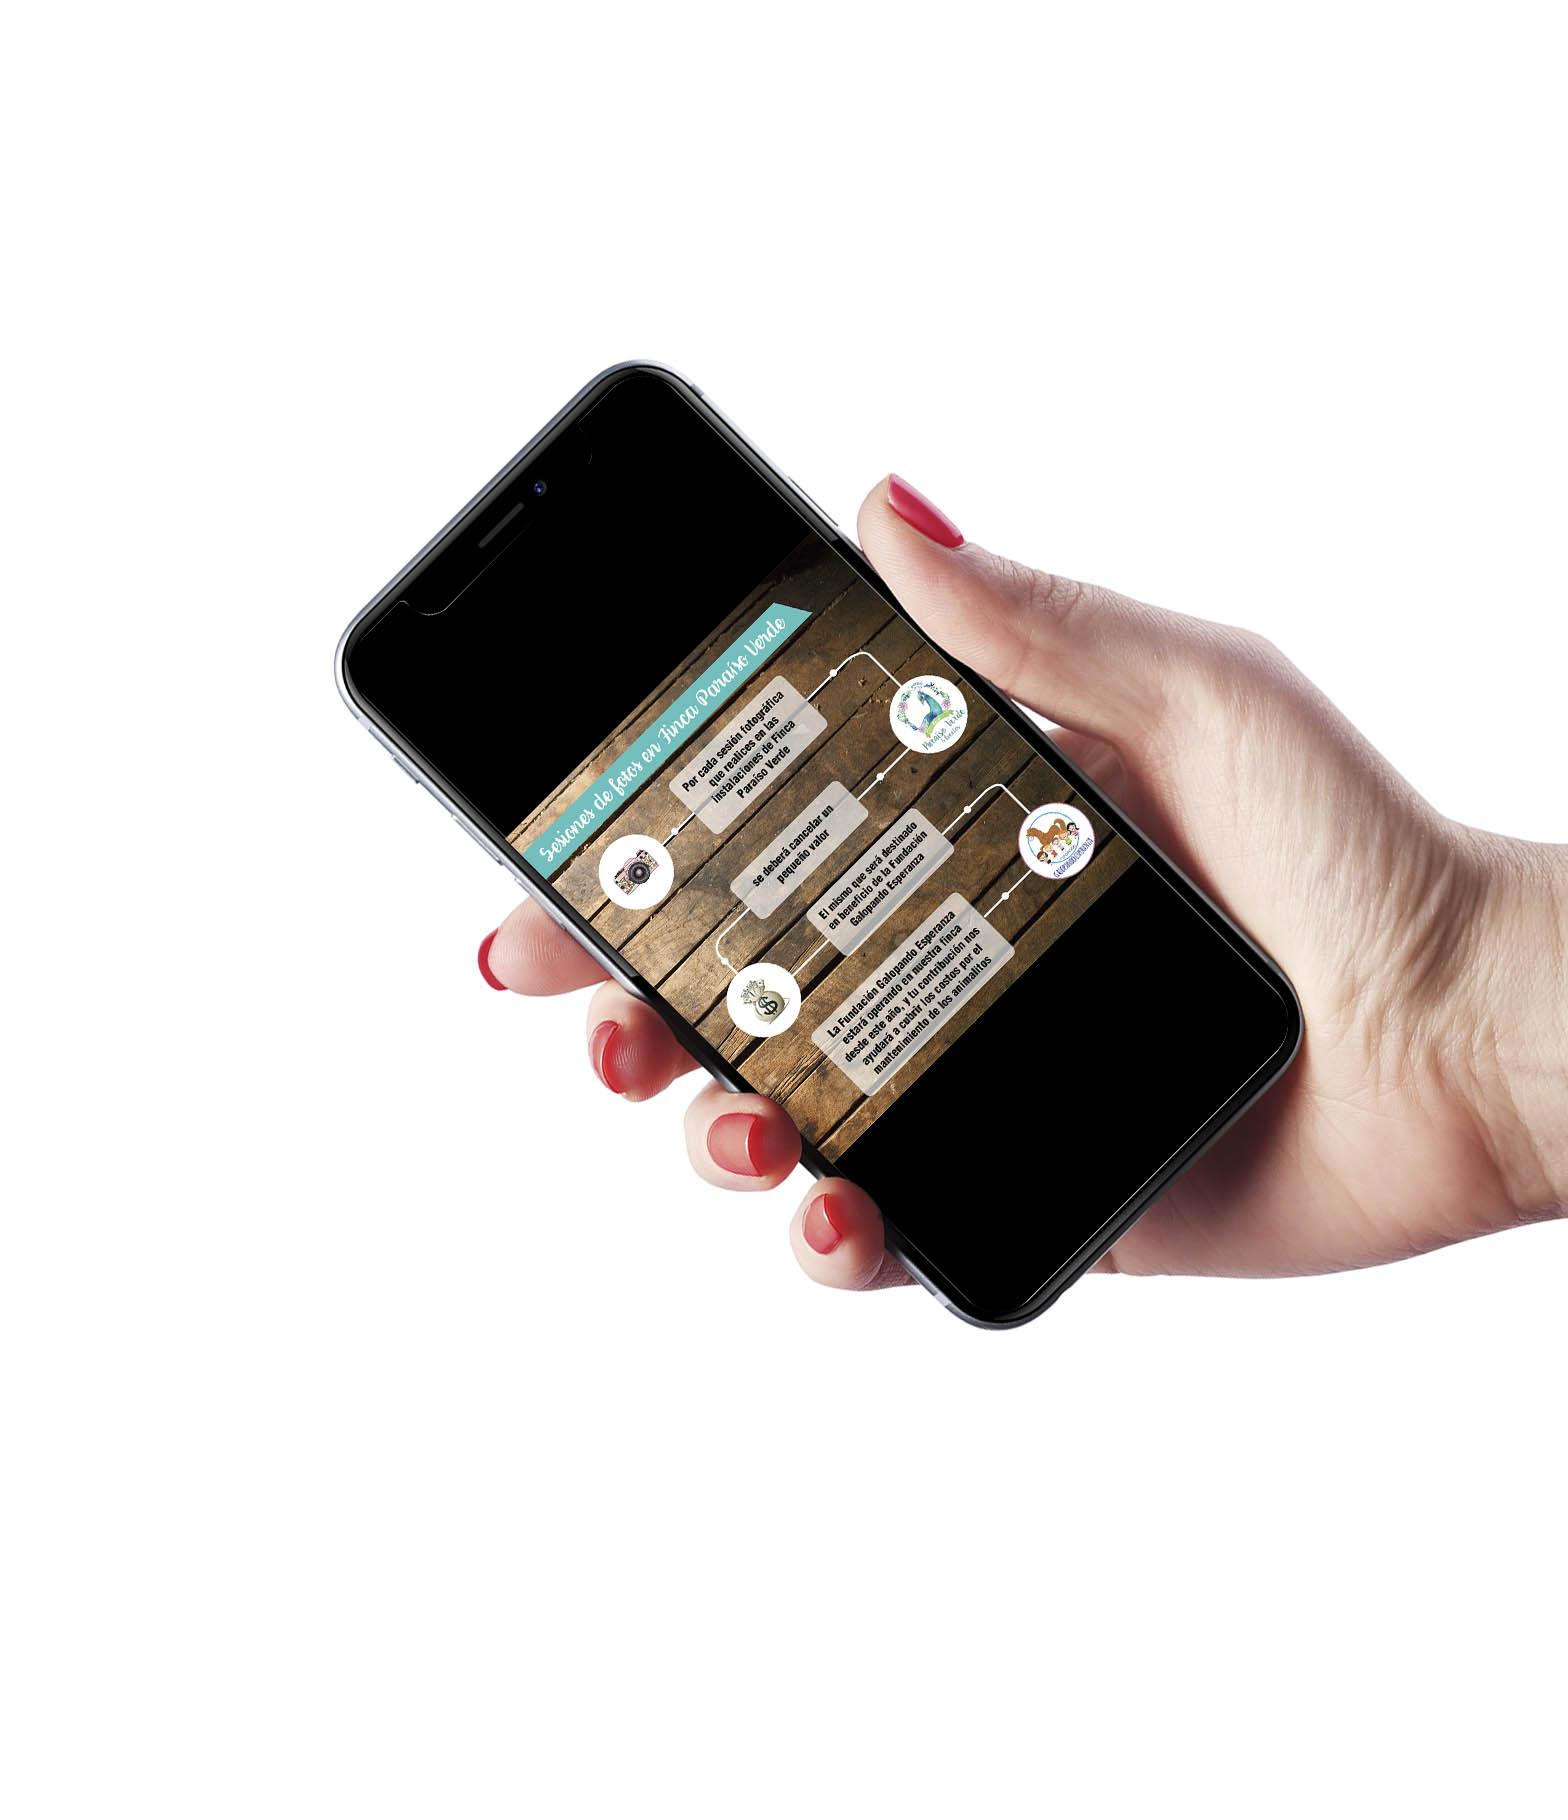 iPhoneX-02.jpg